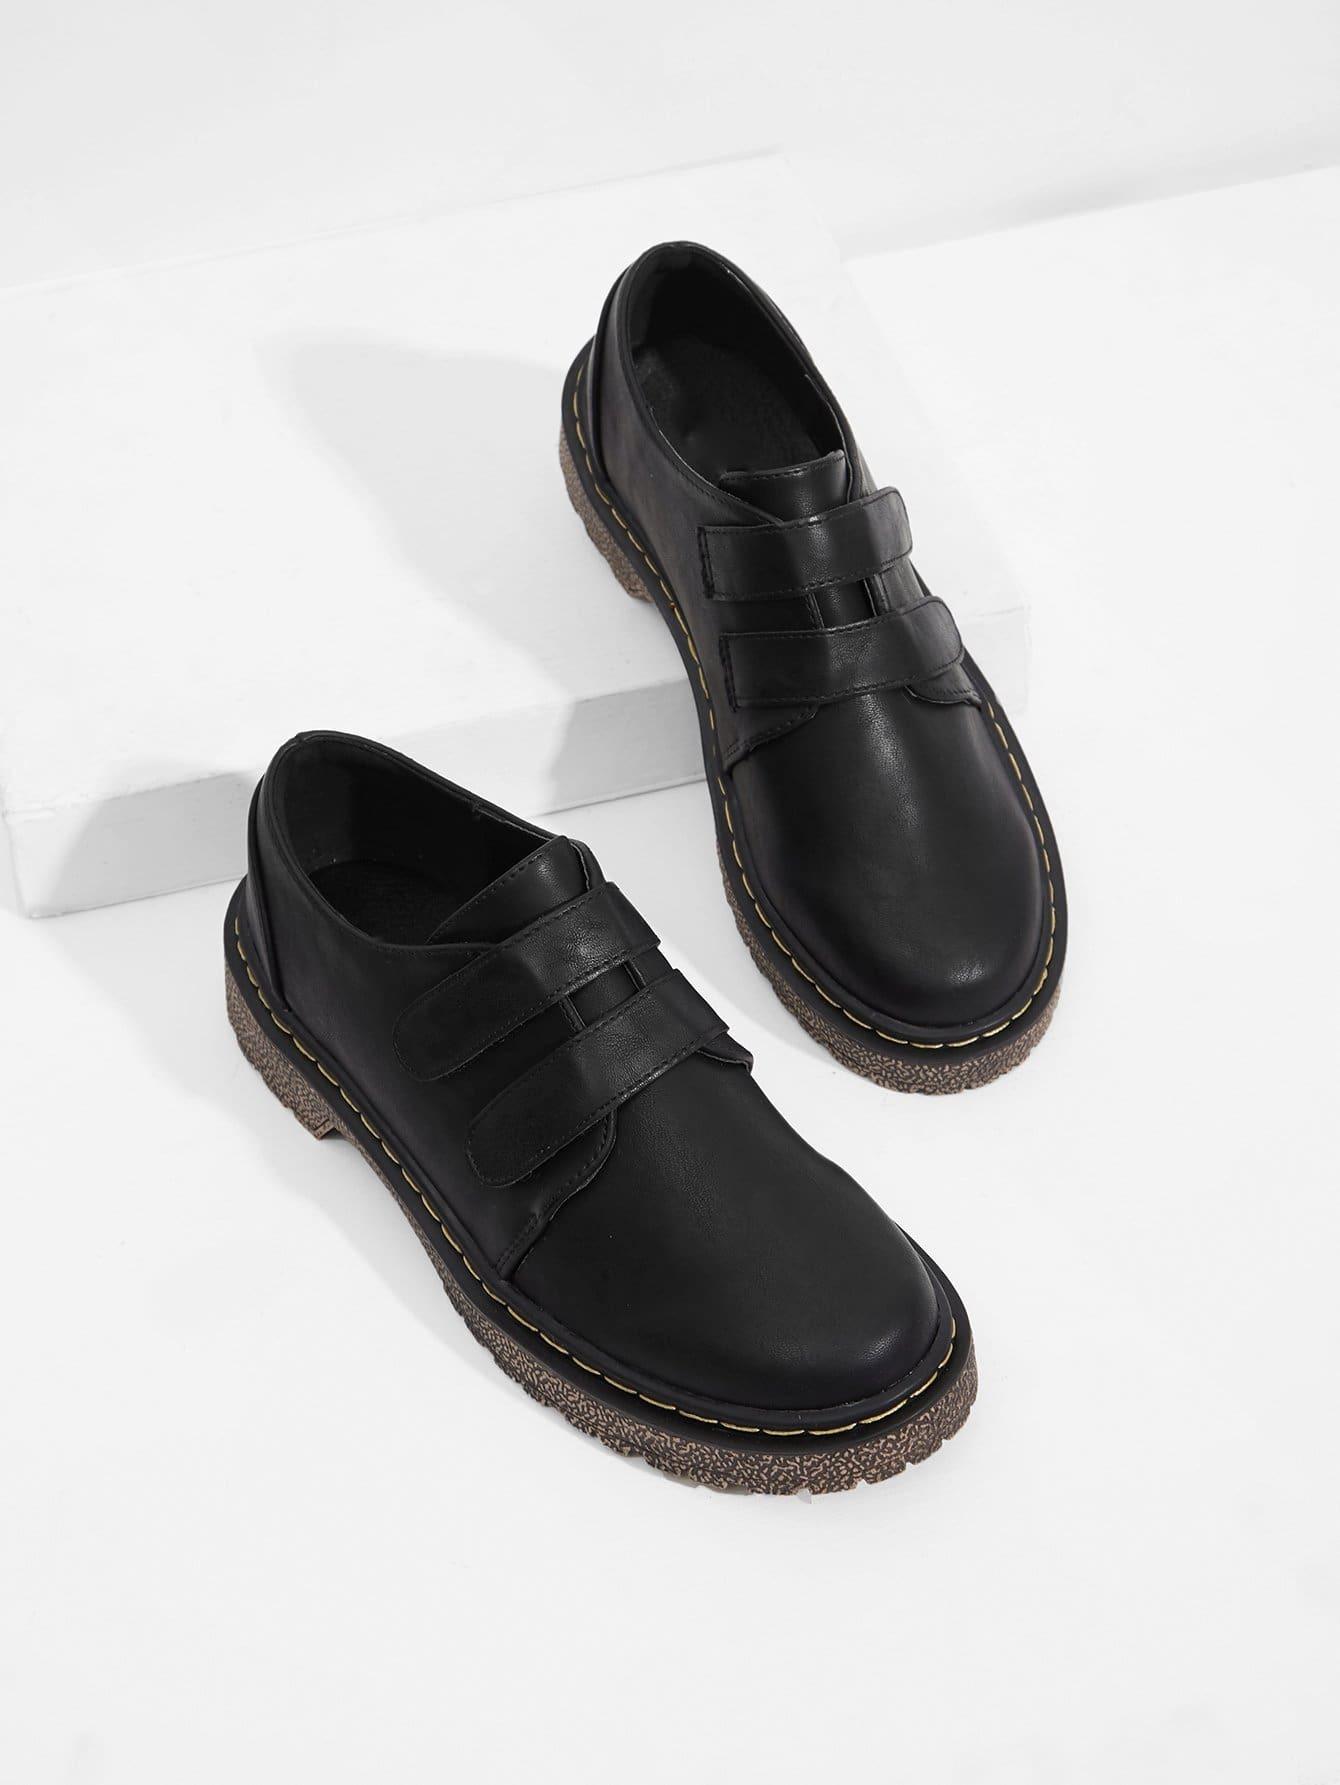 Купить Туфли на плоской подошве и с украшением нейлоновой застёжки, null, SheIn